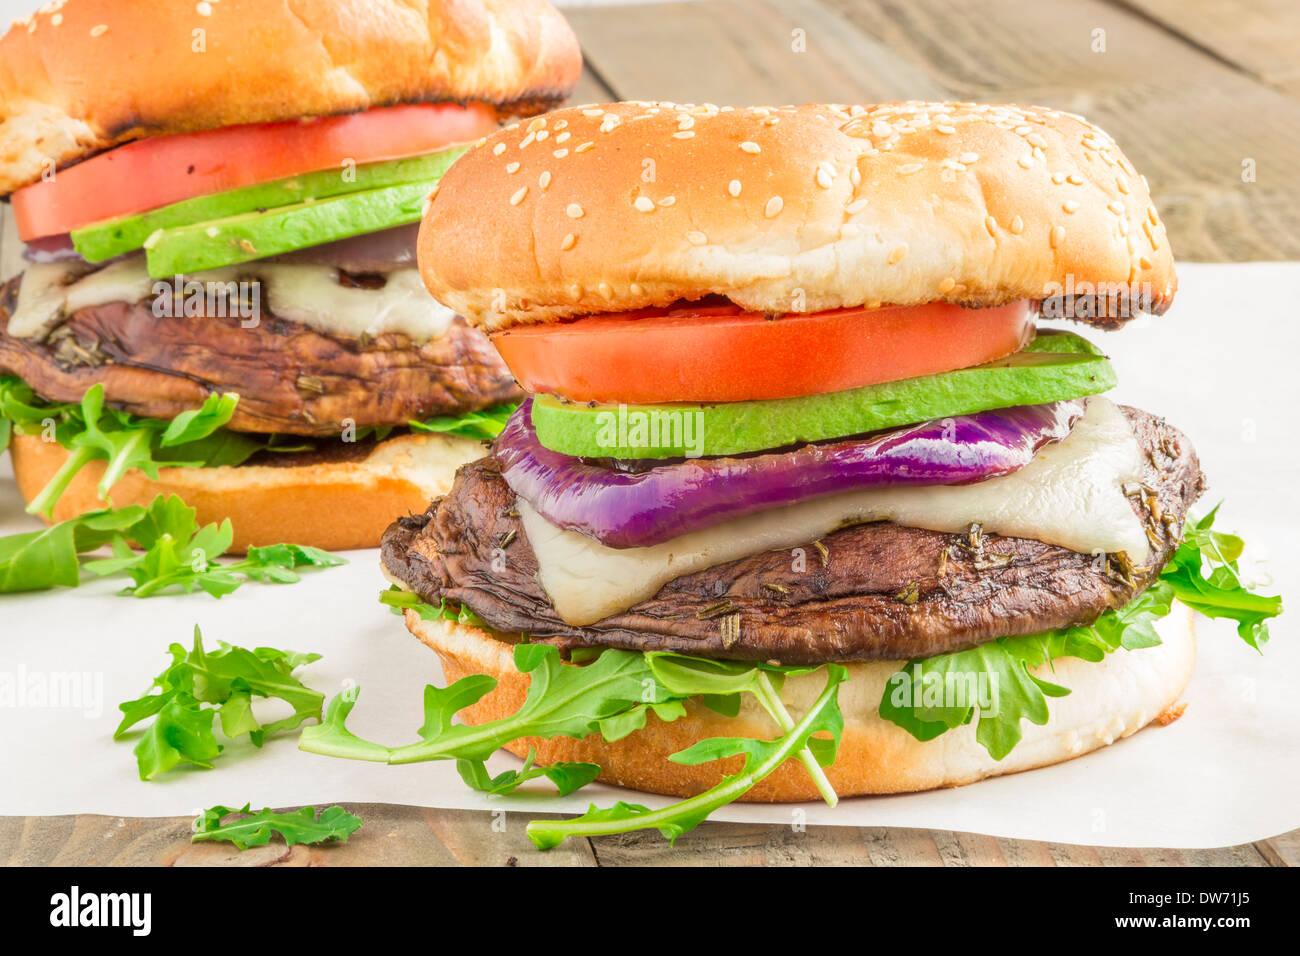 Portobello Burger Auf Einem Bett Aus Rucola Garniert Mit Schweizer